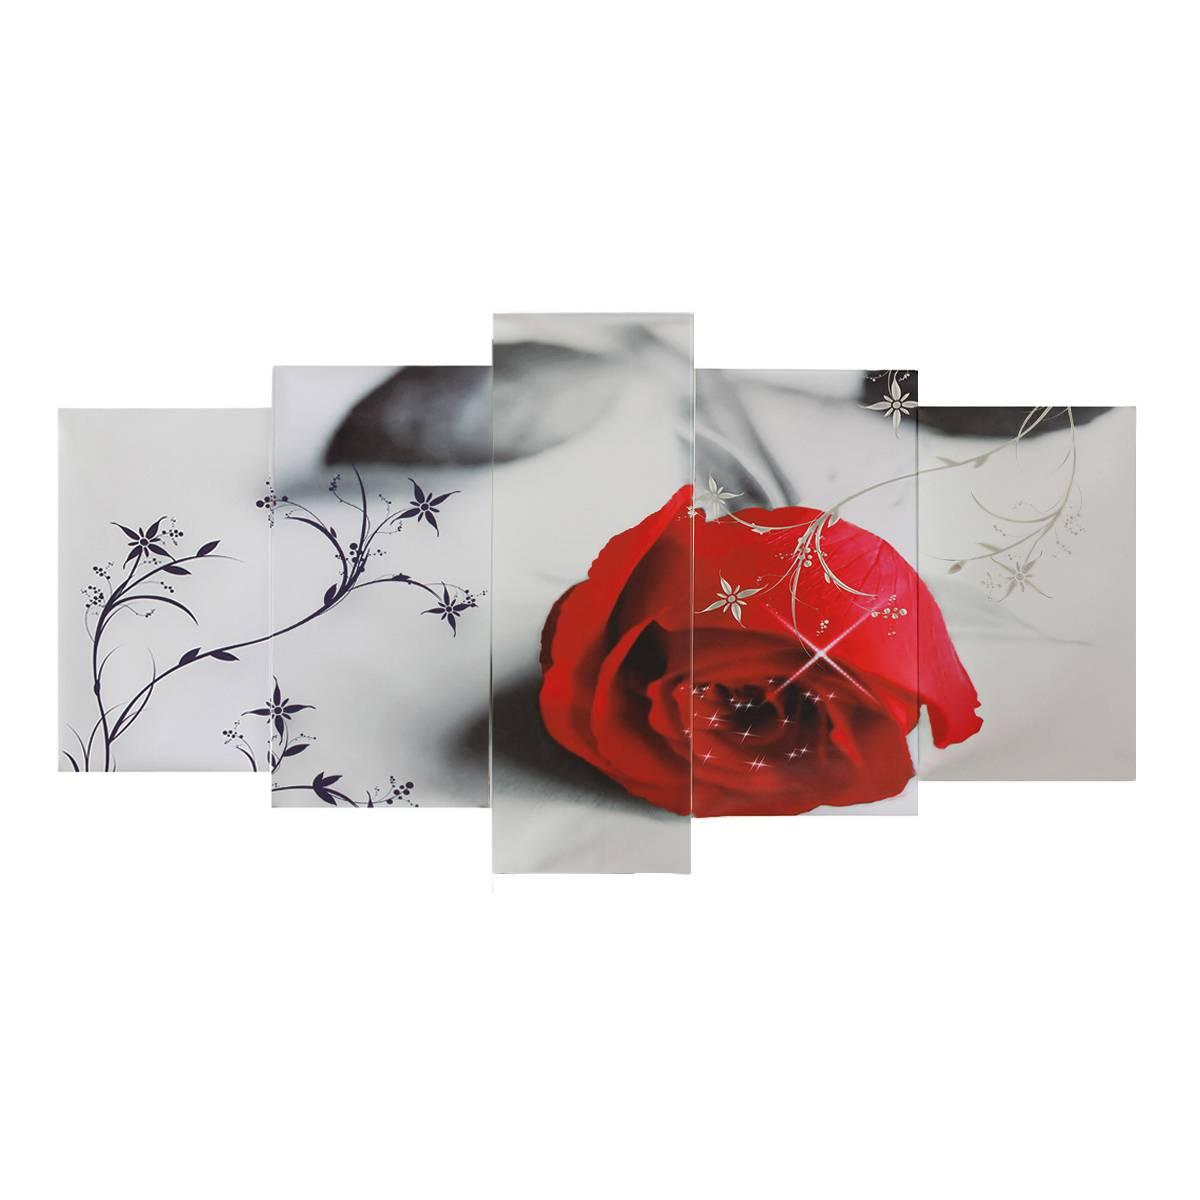 Toile peintures mur Art HD imprime décor à la maison sans cadre 5 pièces belles affiches de Rose rouge pour salon fleurs photos